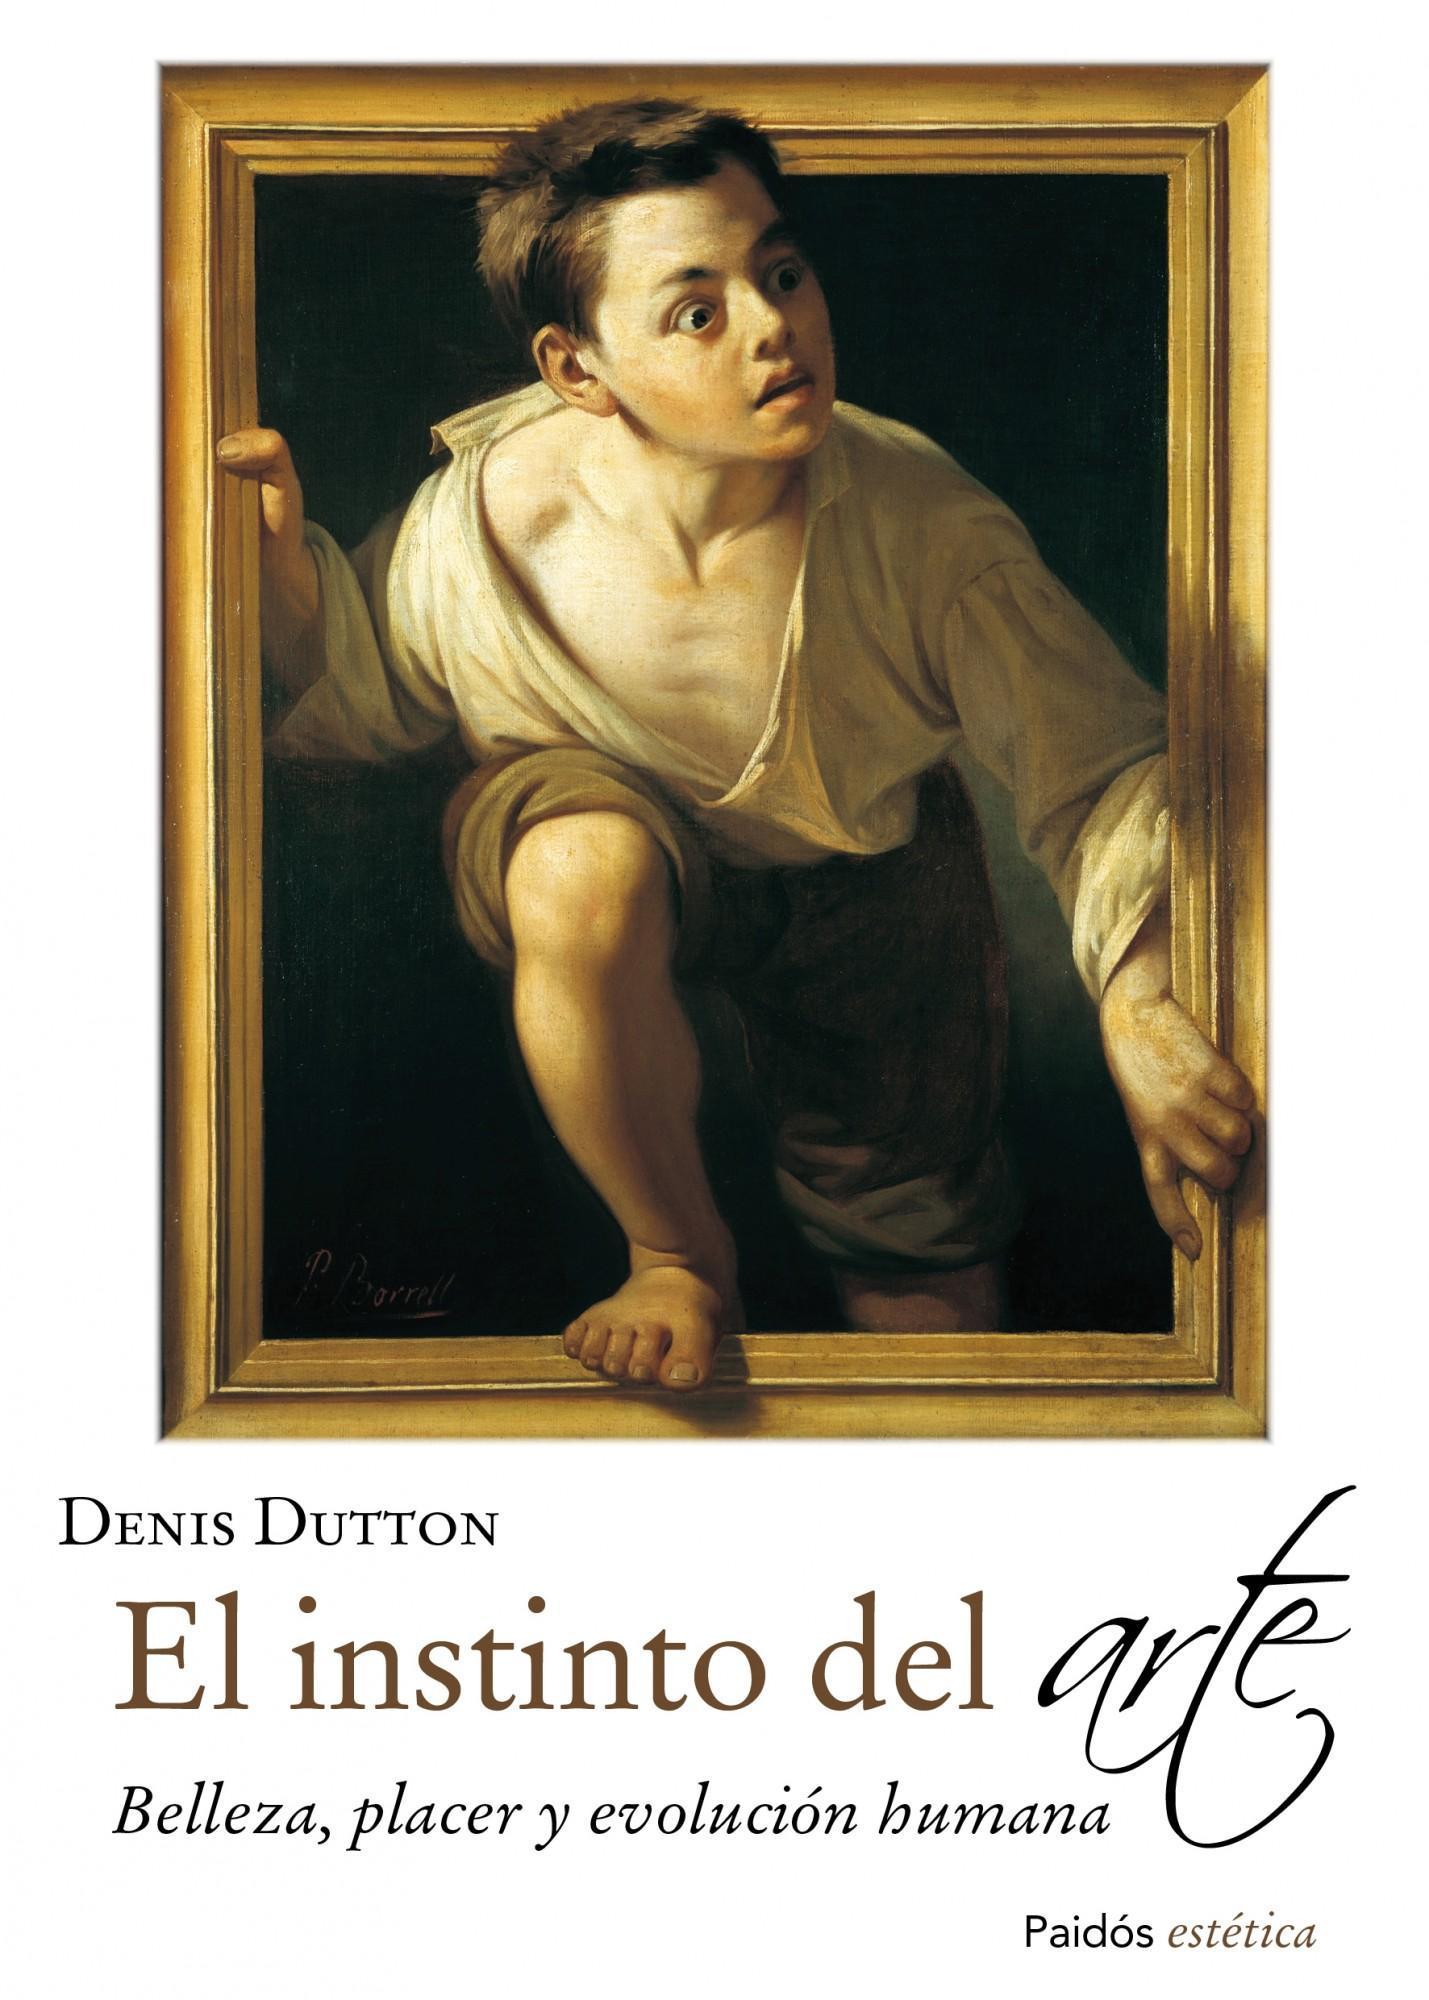 El instinto del arte: Belleza, placer y evolución humana Denis Dutton